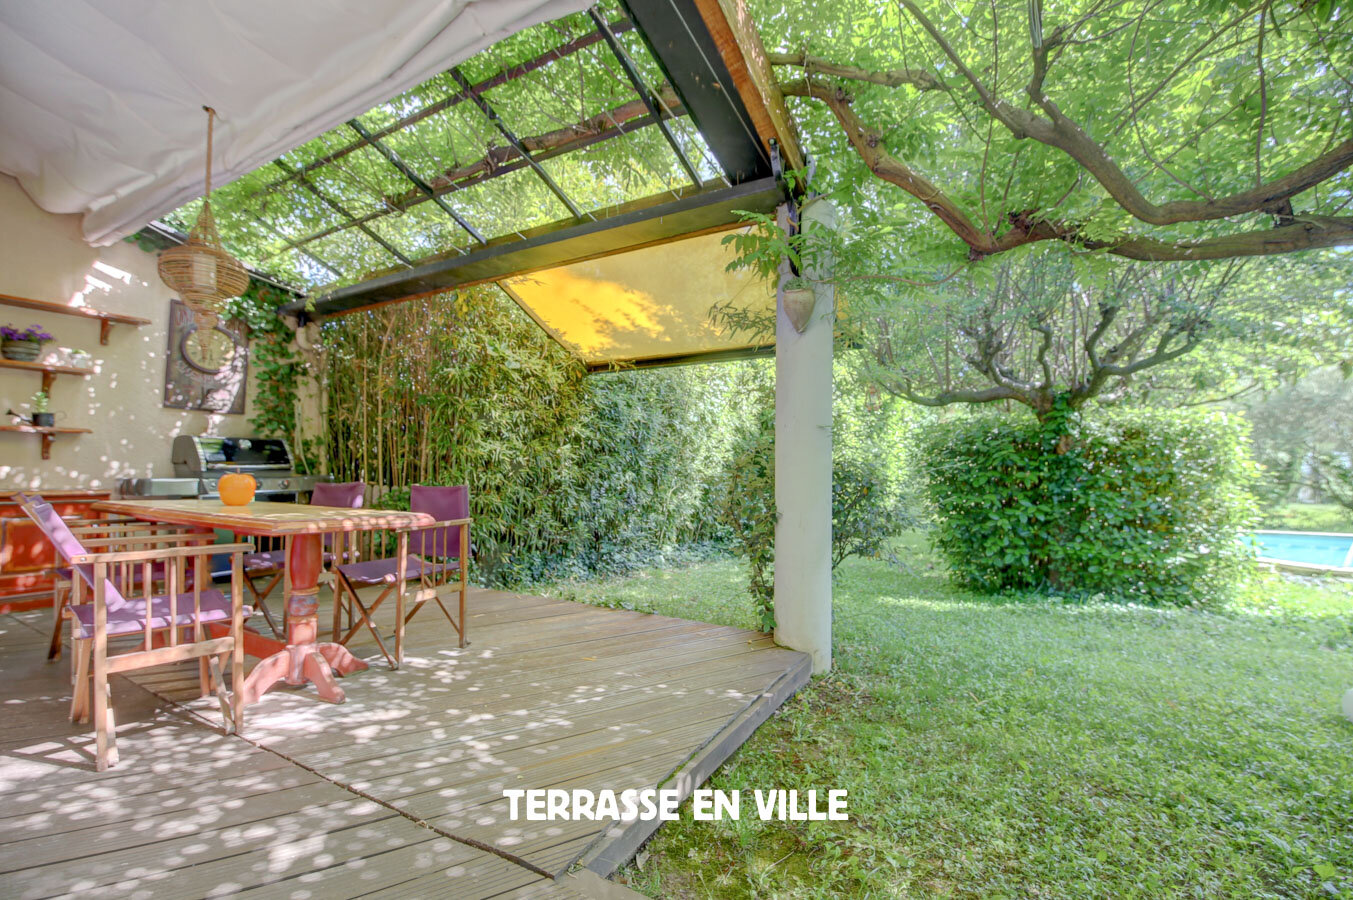 TERRASSE EN VILLE-5.jpg